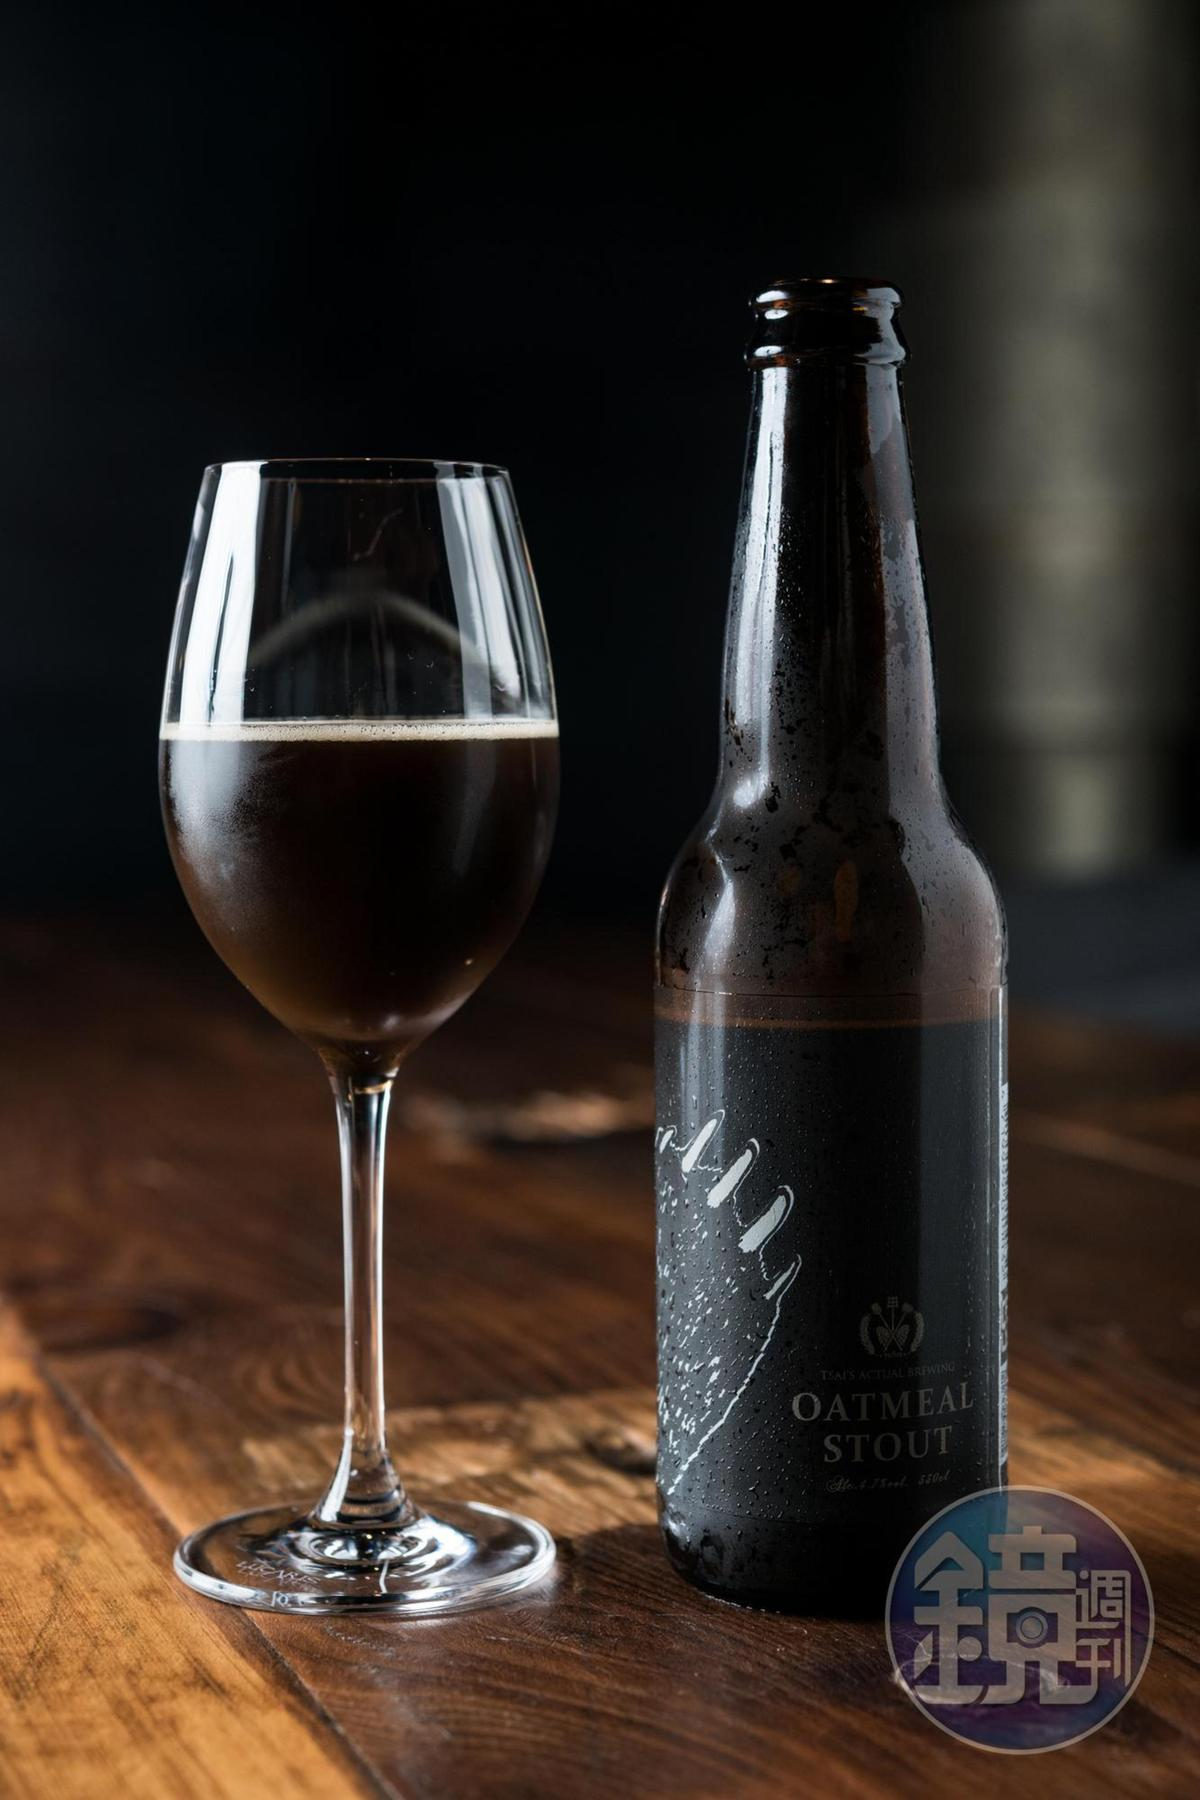 「蔡式釀酒燕麥司陶特」有黑巧克力、咖啡濃厚的香氣。(餐酒搭配1,750元)